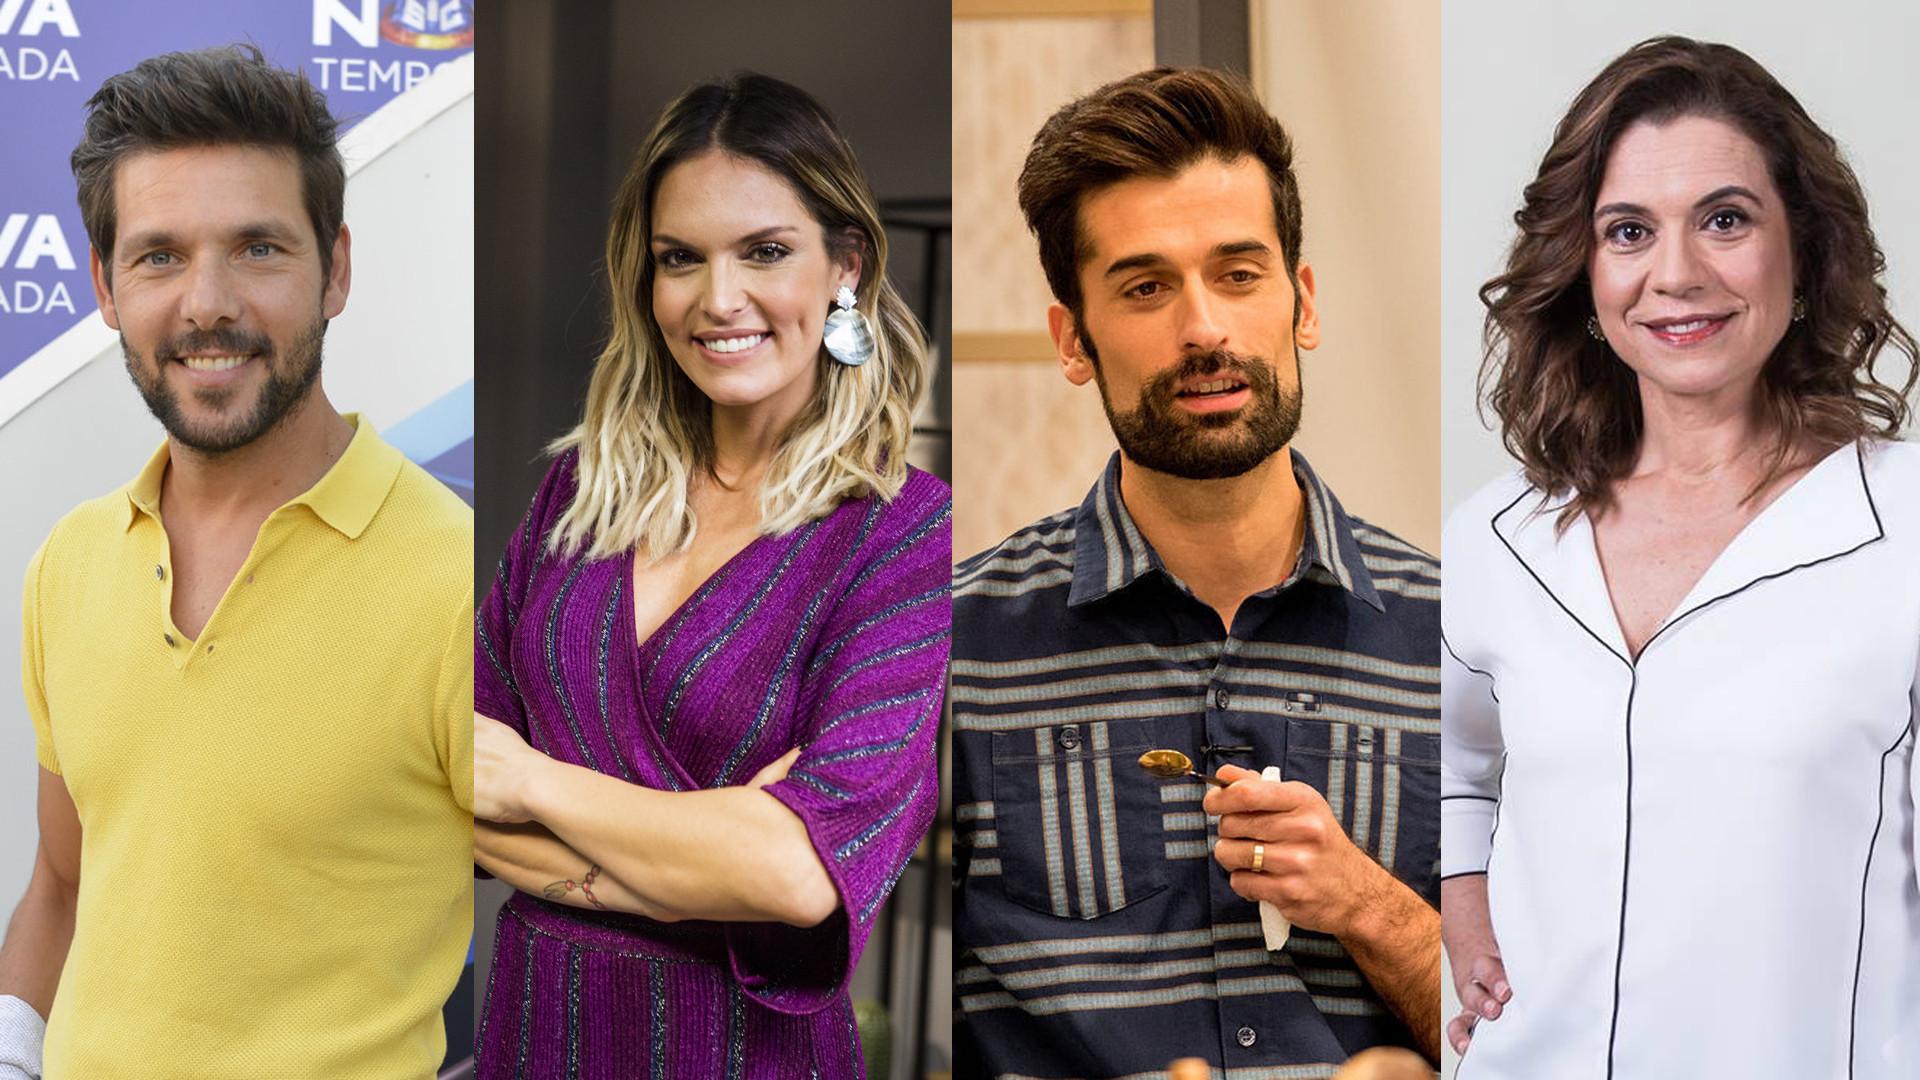 Jorge Corrula, Diana Chaves, António Raminhos e Conceição Lino, Lip Sync Portugal